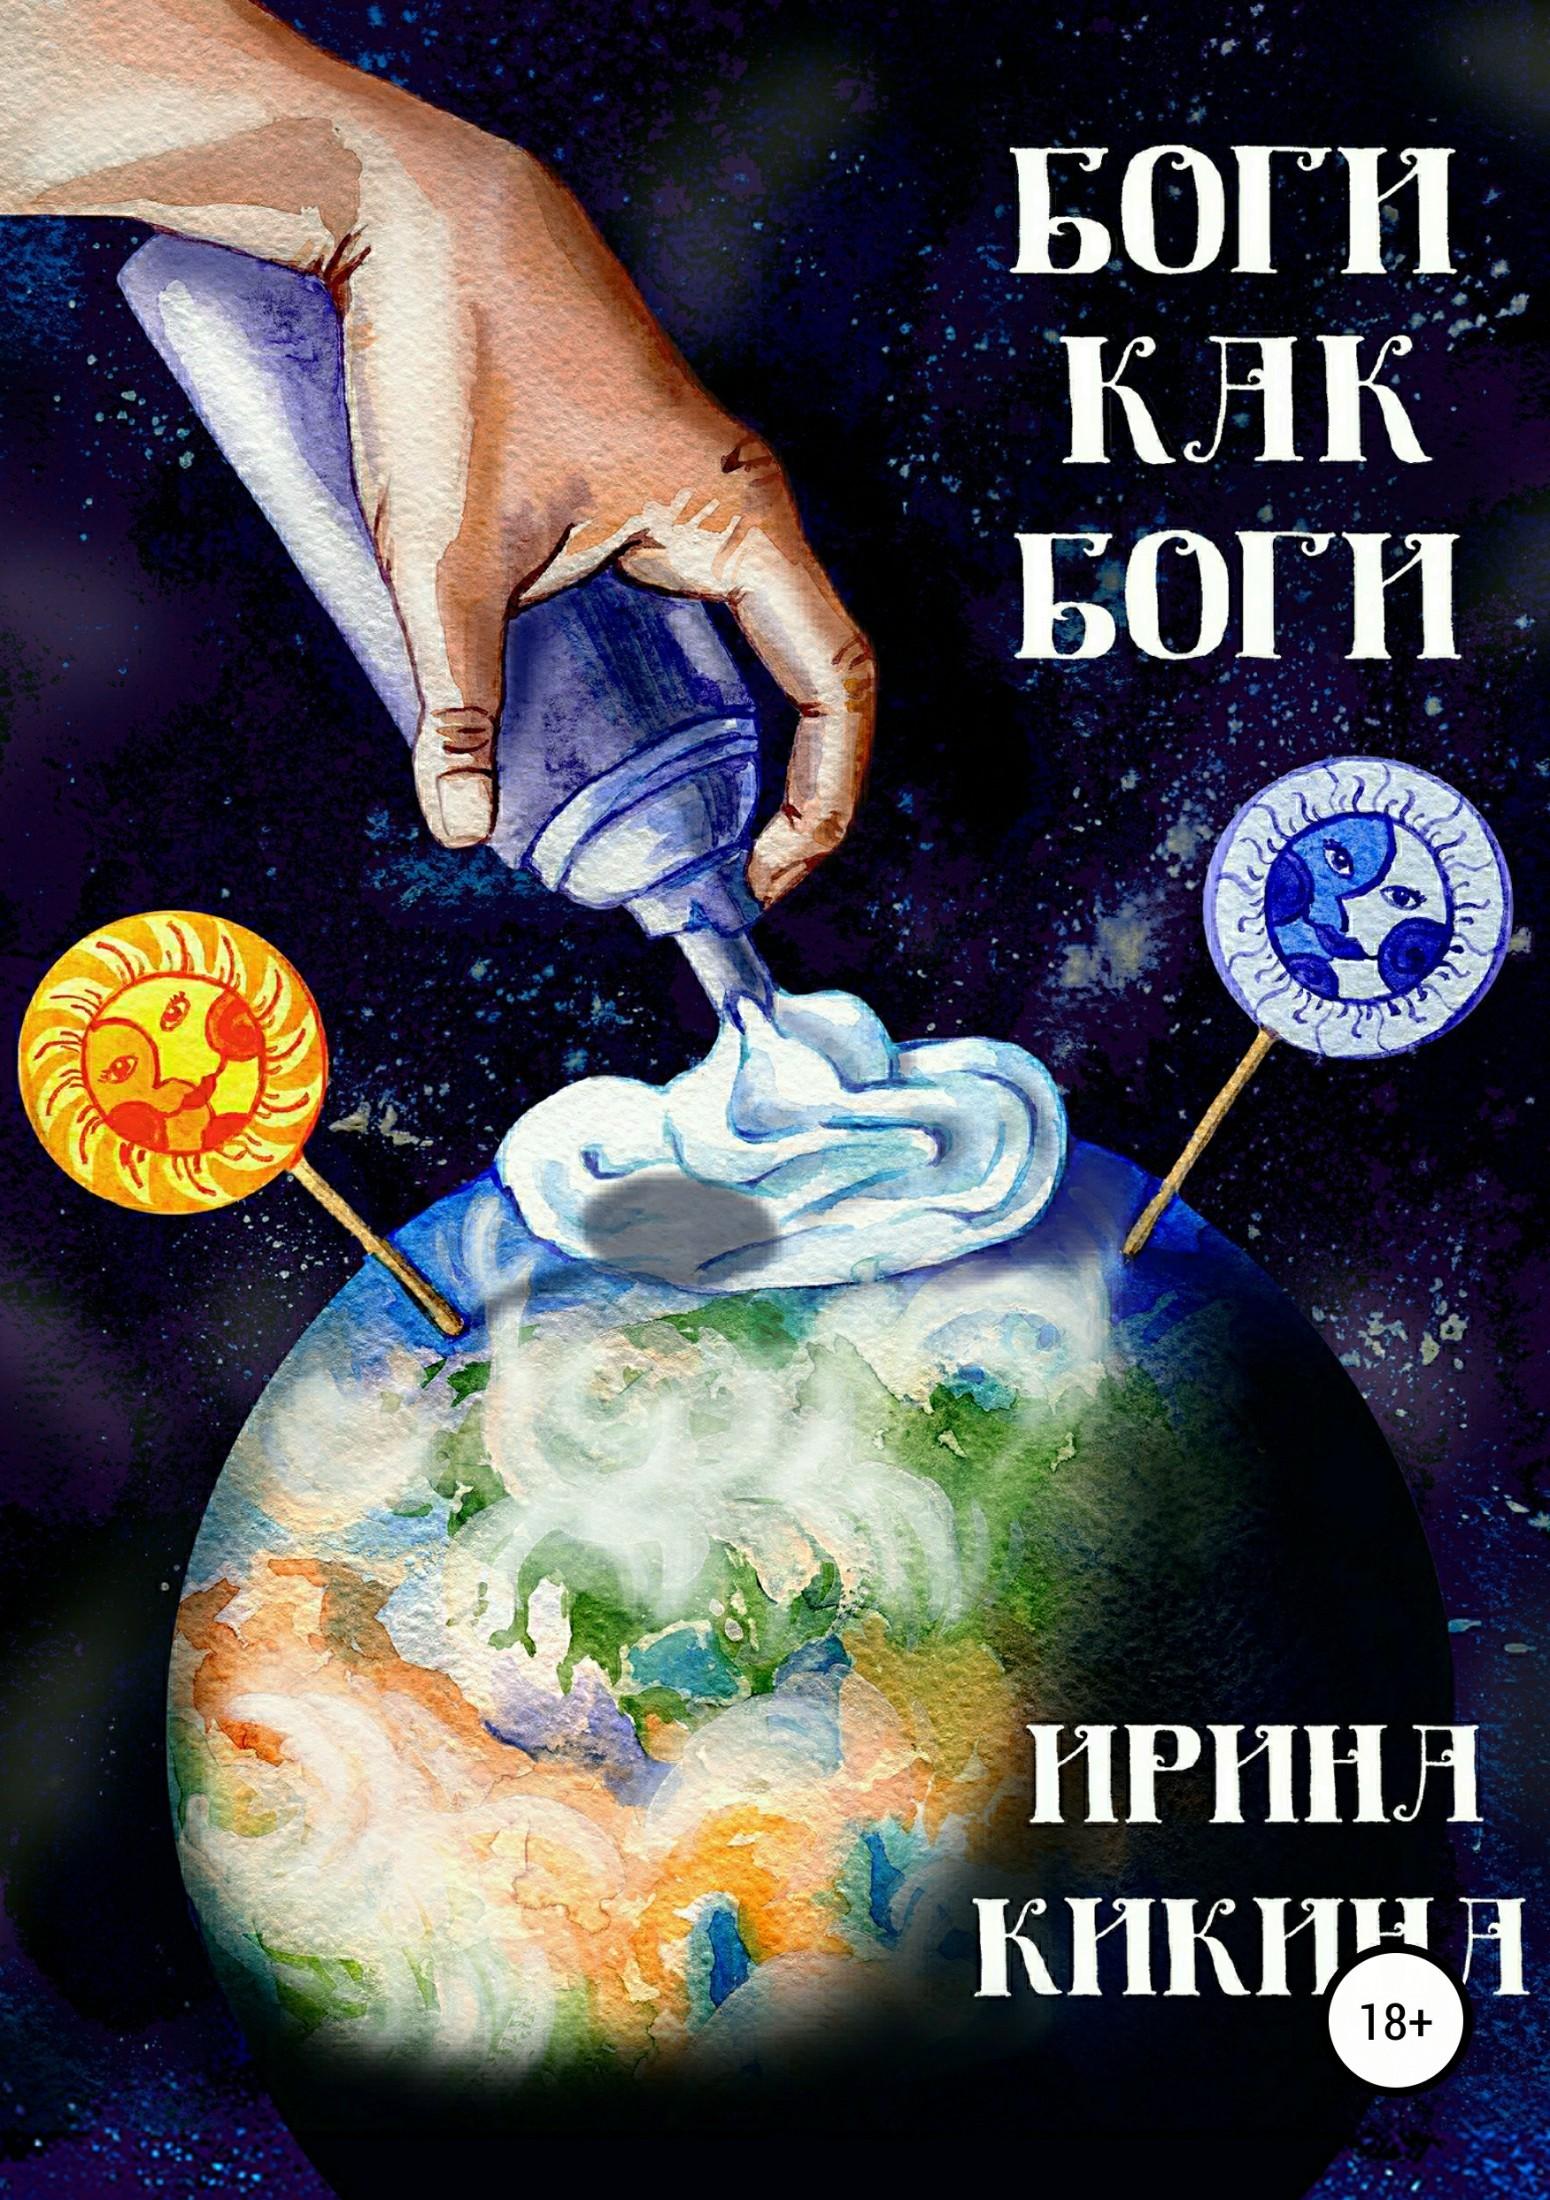 Ирина Евгеньевна Кикина Боги как боги дорого